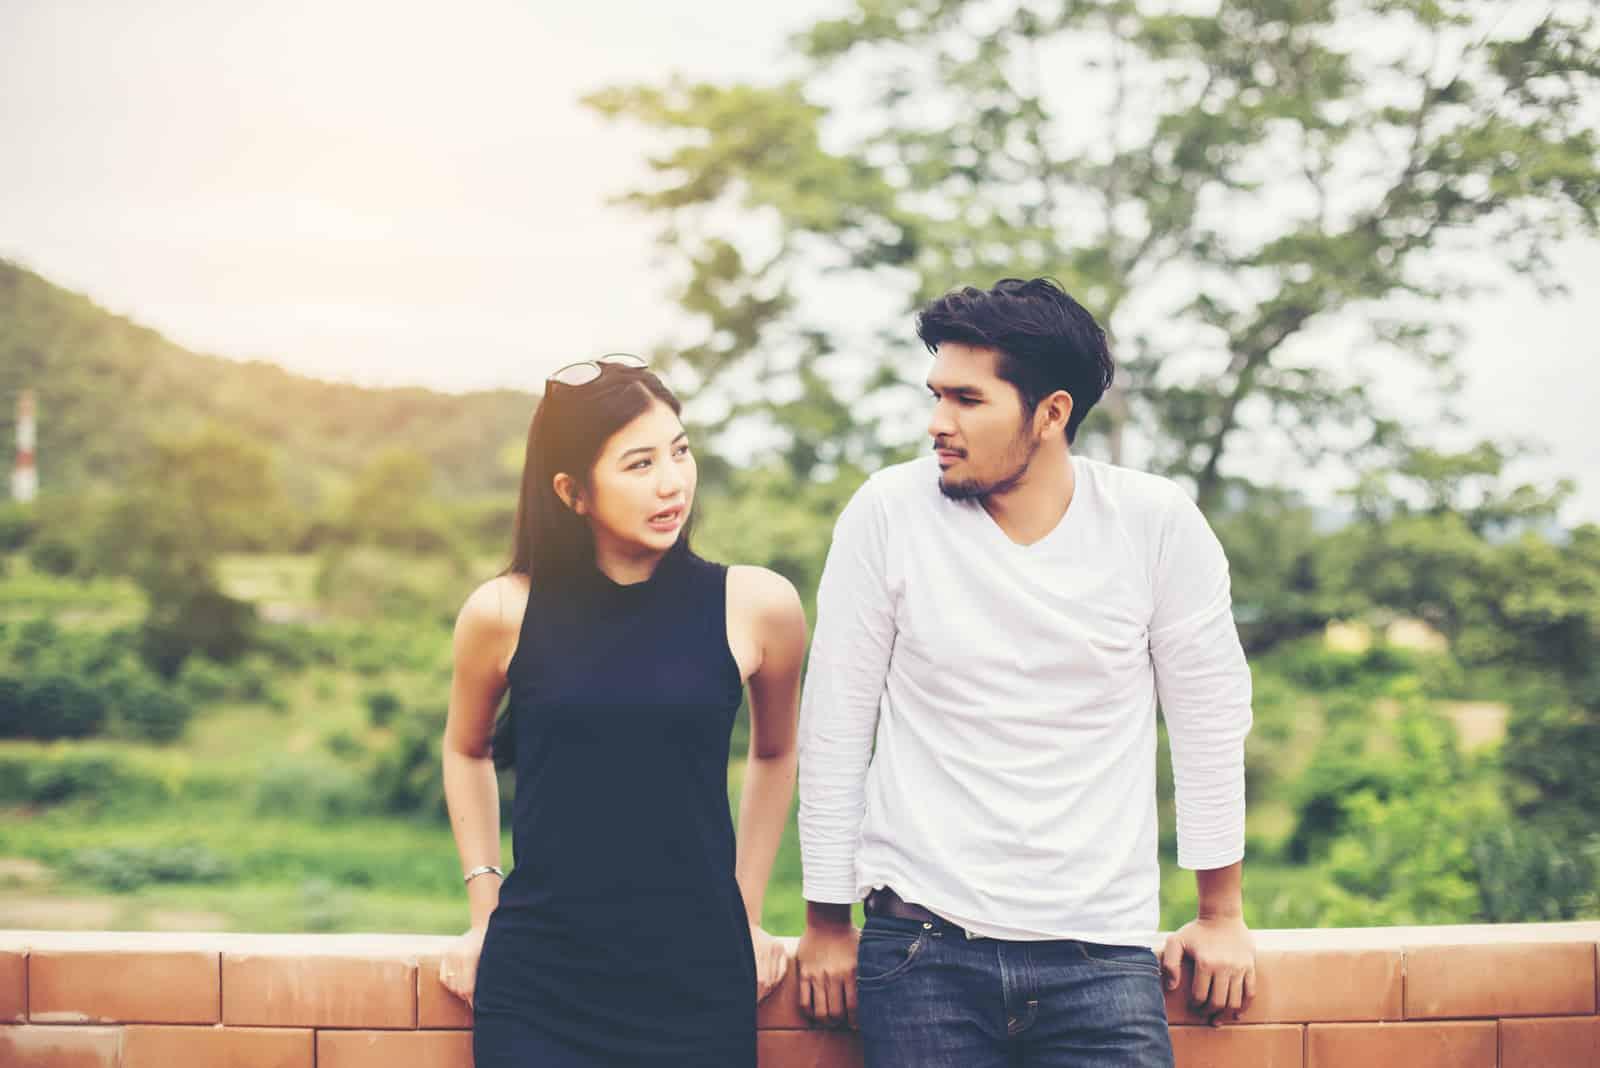 attraktive Frau, die ernsthaft auf ihren Freund hört